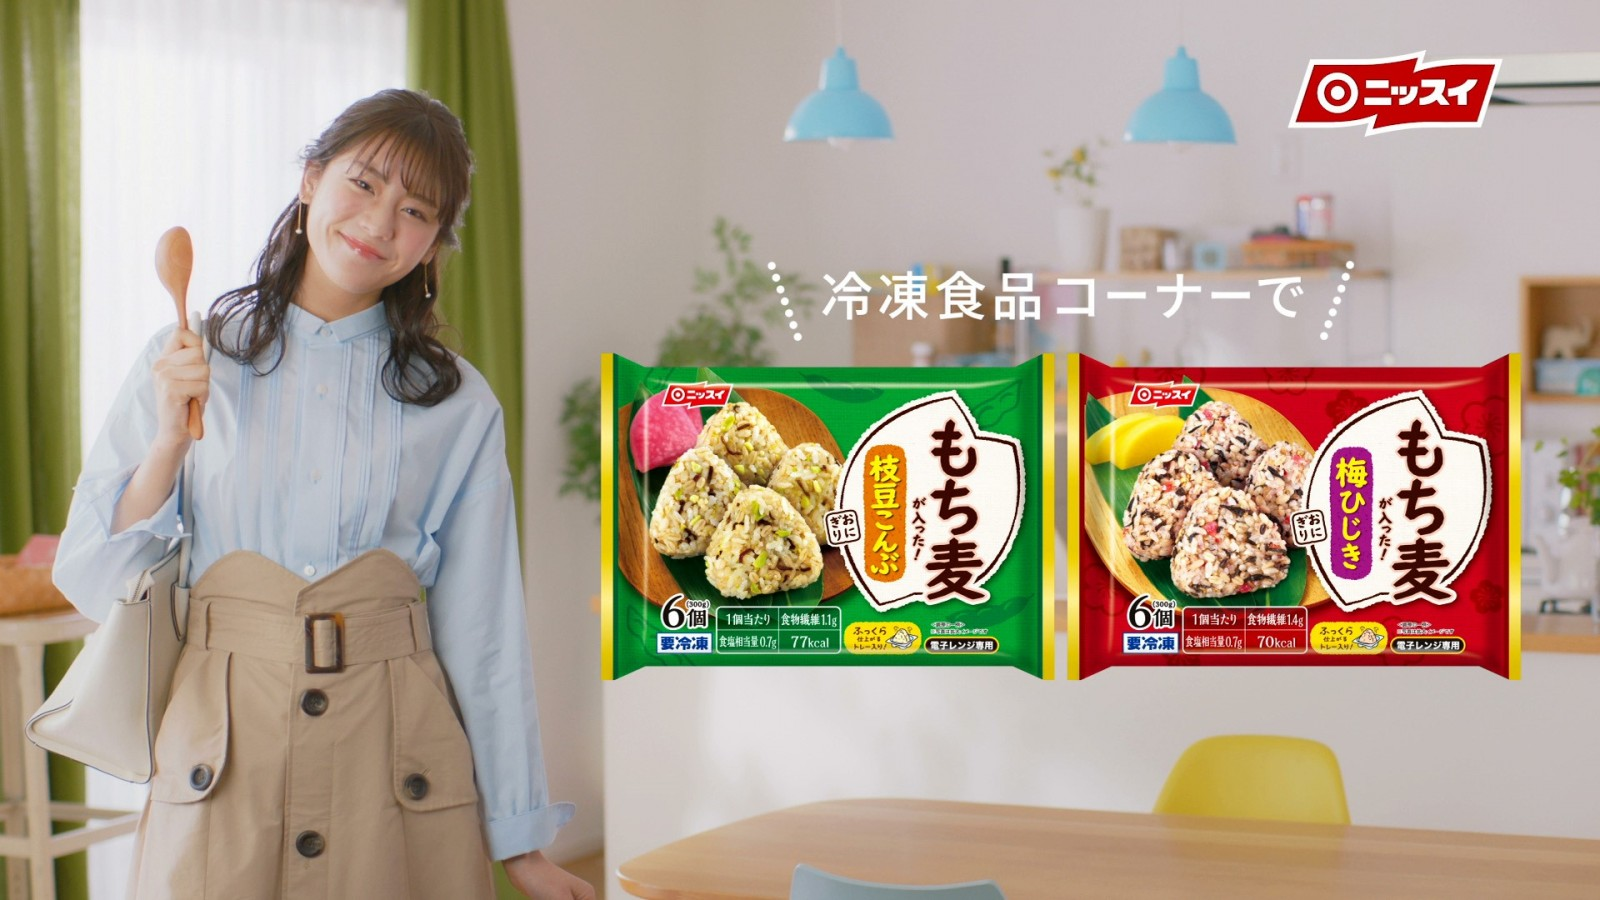 ニッスイ「もち麦入りおにぎり」でTVCM 貴島明日香さん、ふっくらおにぎりの美味しさをレポート